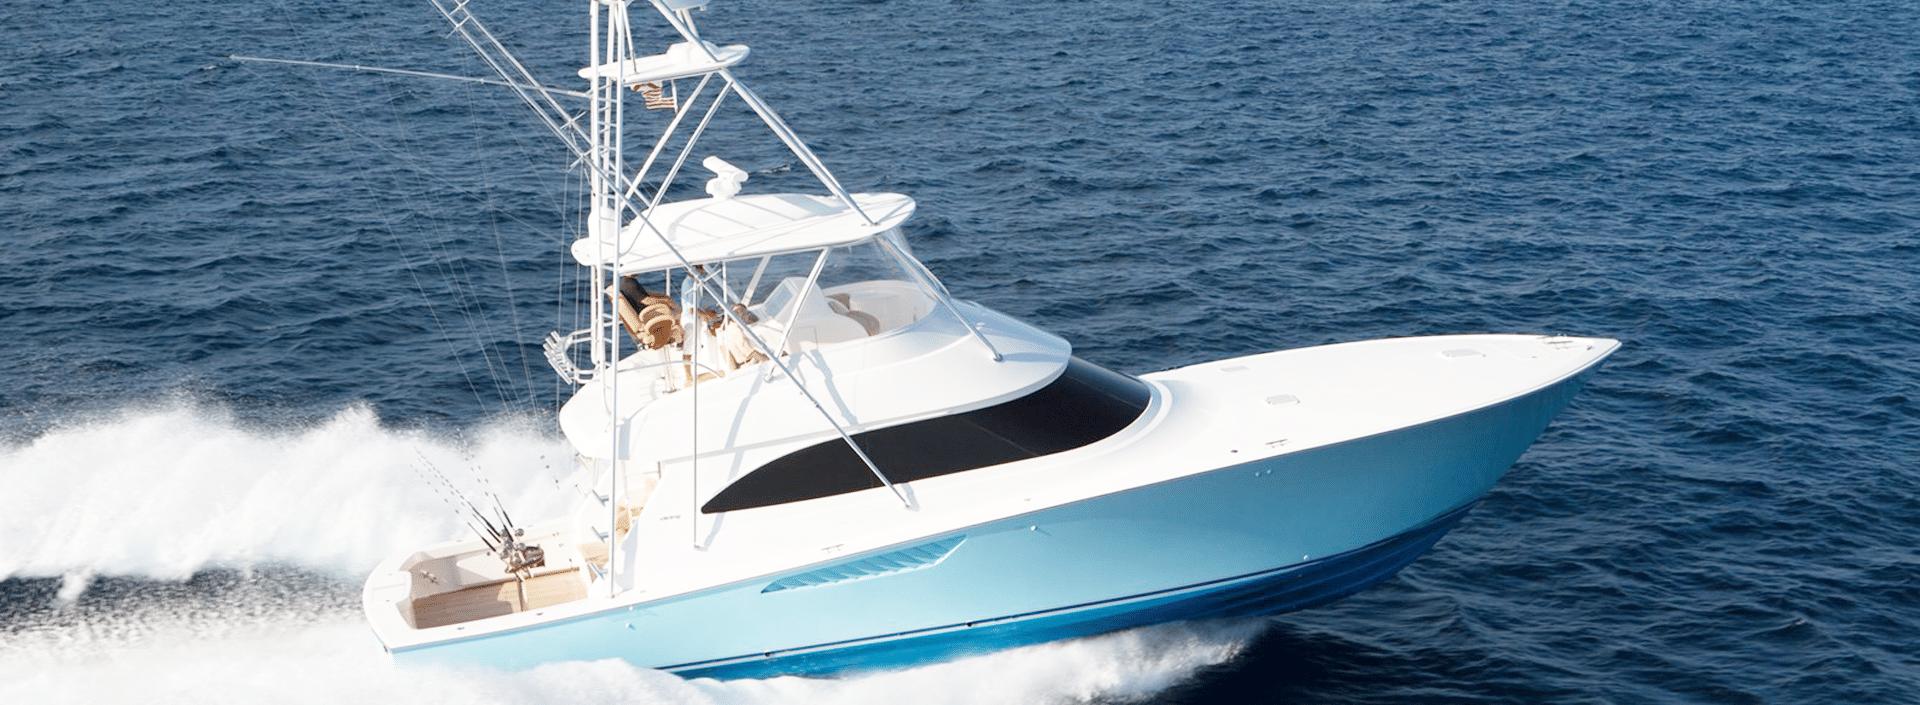 Viking Yacht - Galati